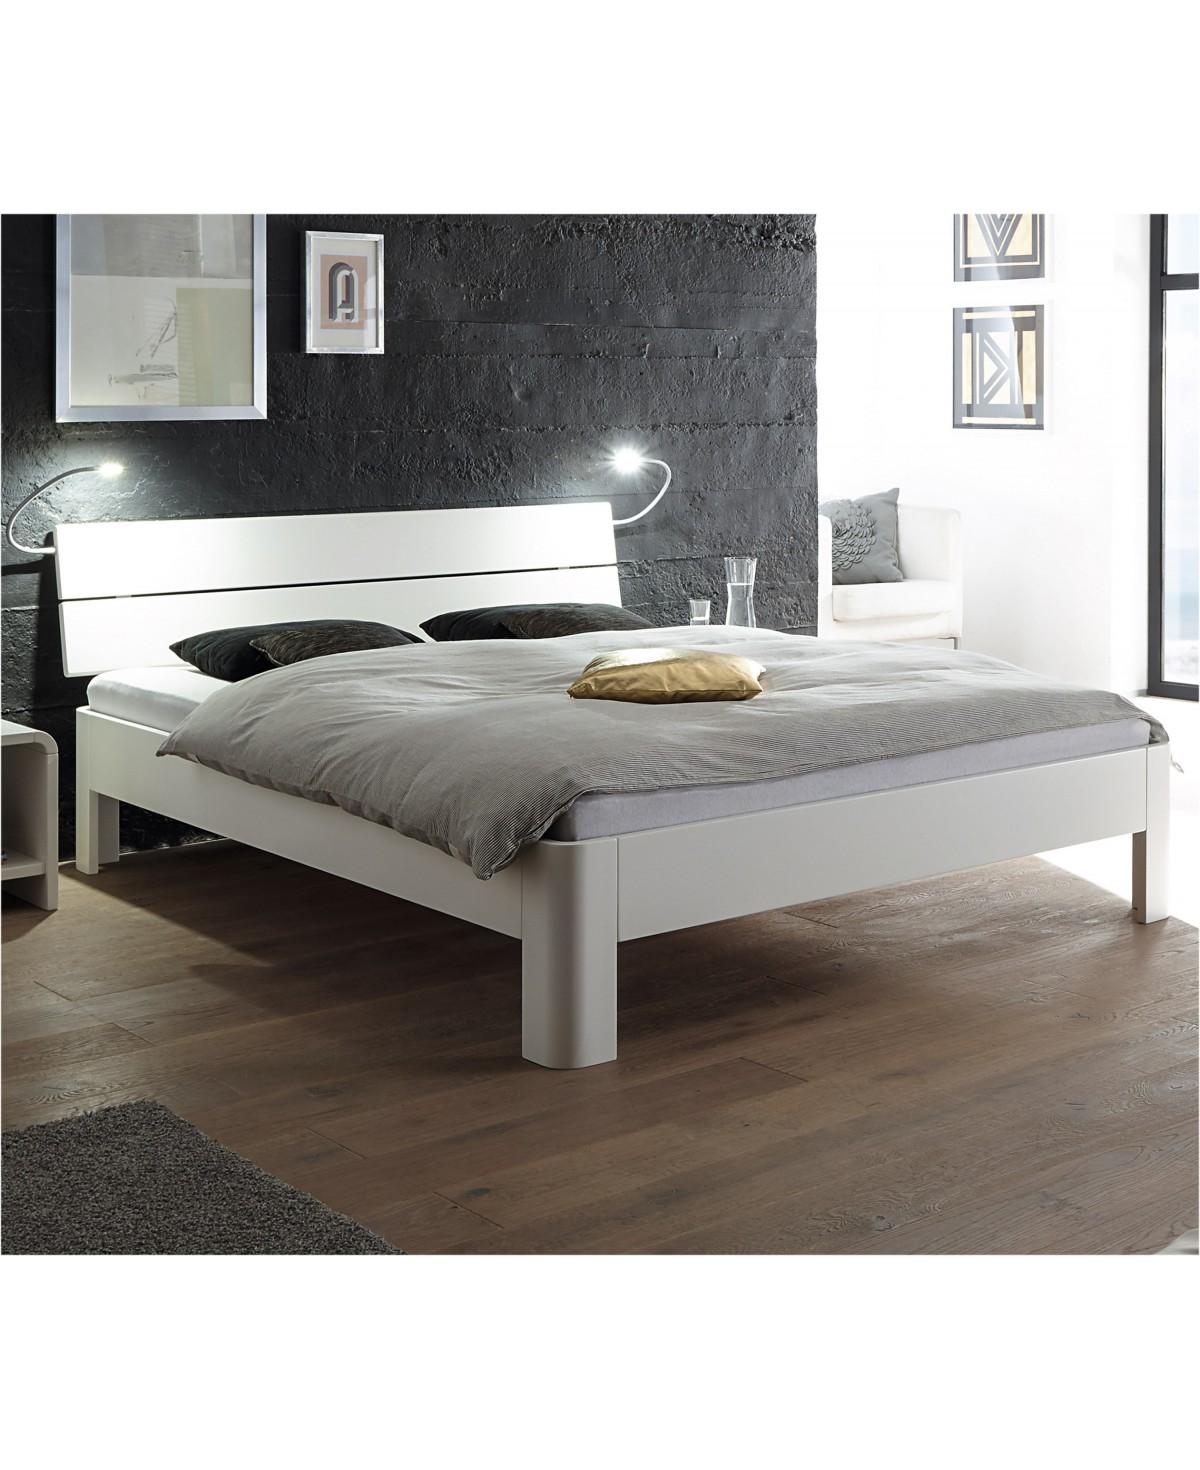 Full Size of Weiße Betten Japanische Köln Günstig Kaufen 180x200 Treca Günstige 140x200 Billerbeck Schöne Dico Weißes Bett Mit Aufbewahrung Innocent Massiv Bett Weiße Betten